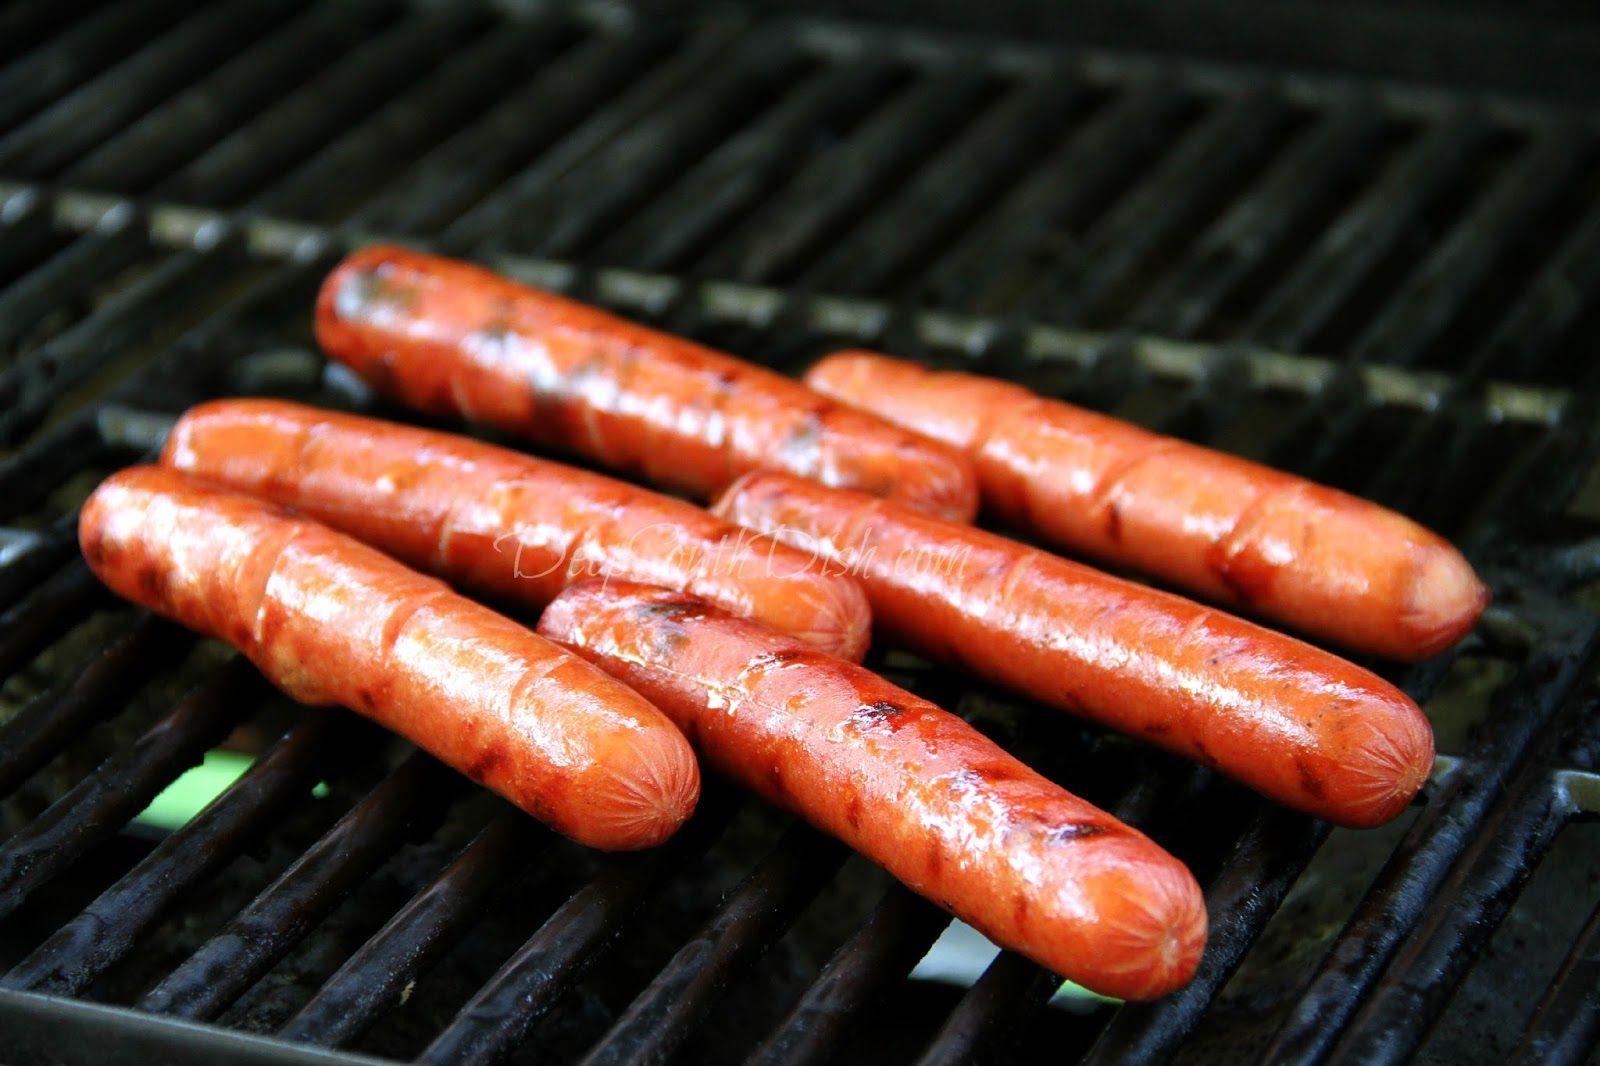 Skillet Hot Dog Chili Sauce Hot Dog Chili Hot Dog Recipes Hot Dogs